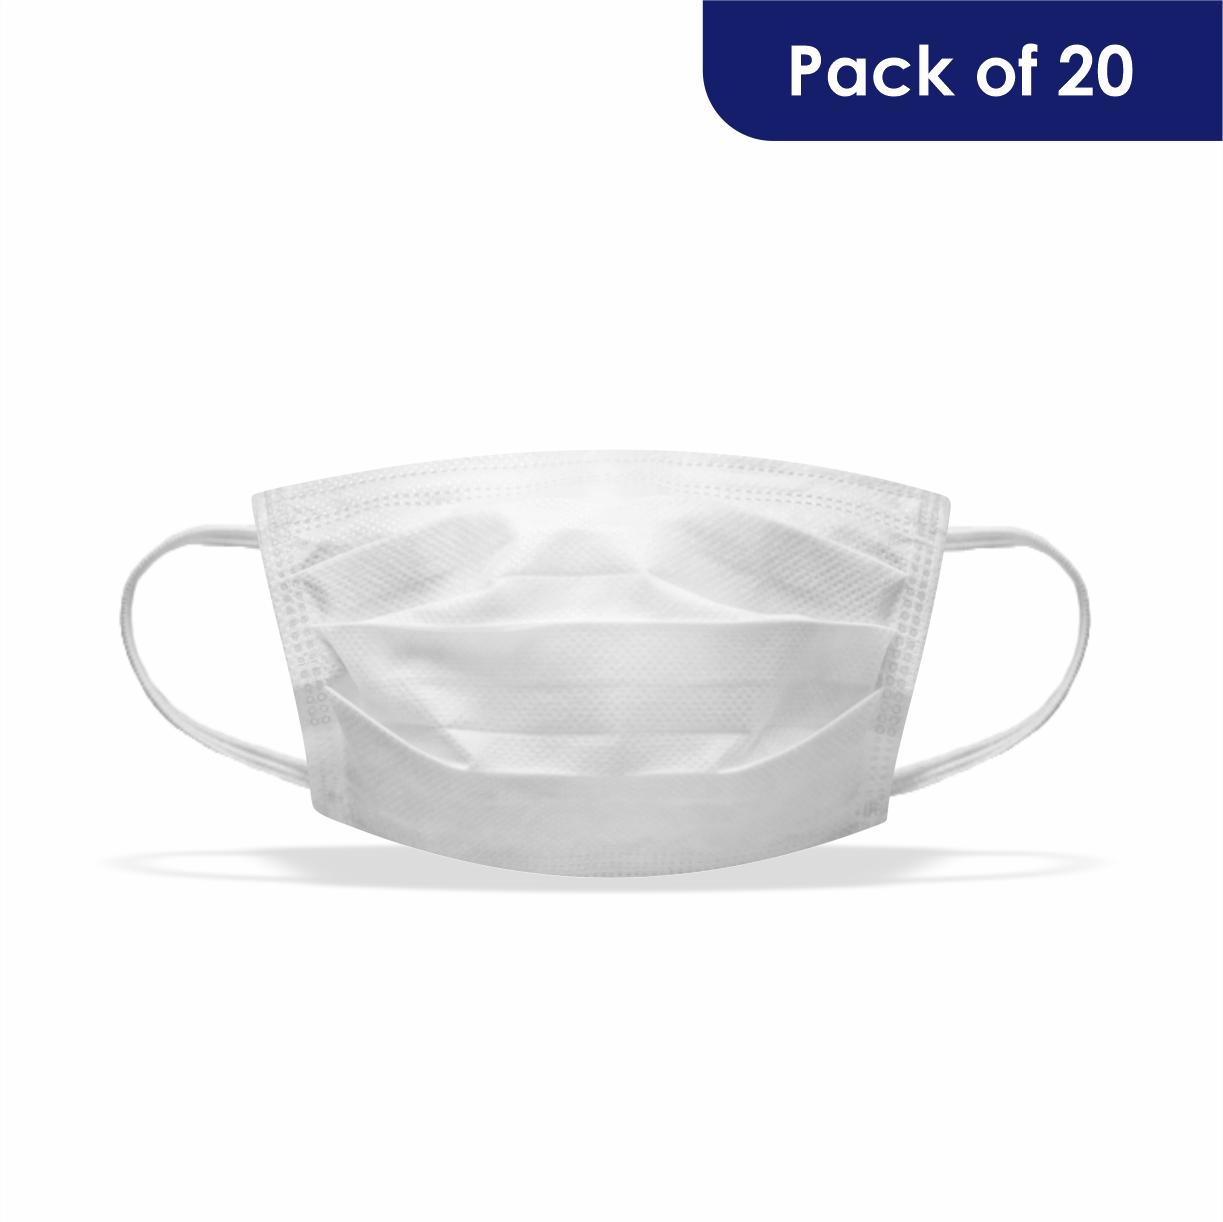 Vimbela Stock Plain White 2 Ply (pack Of 20)